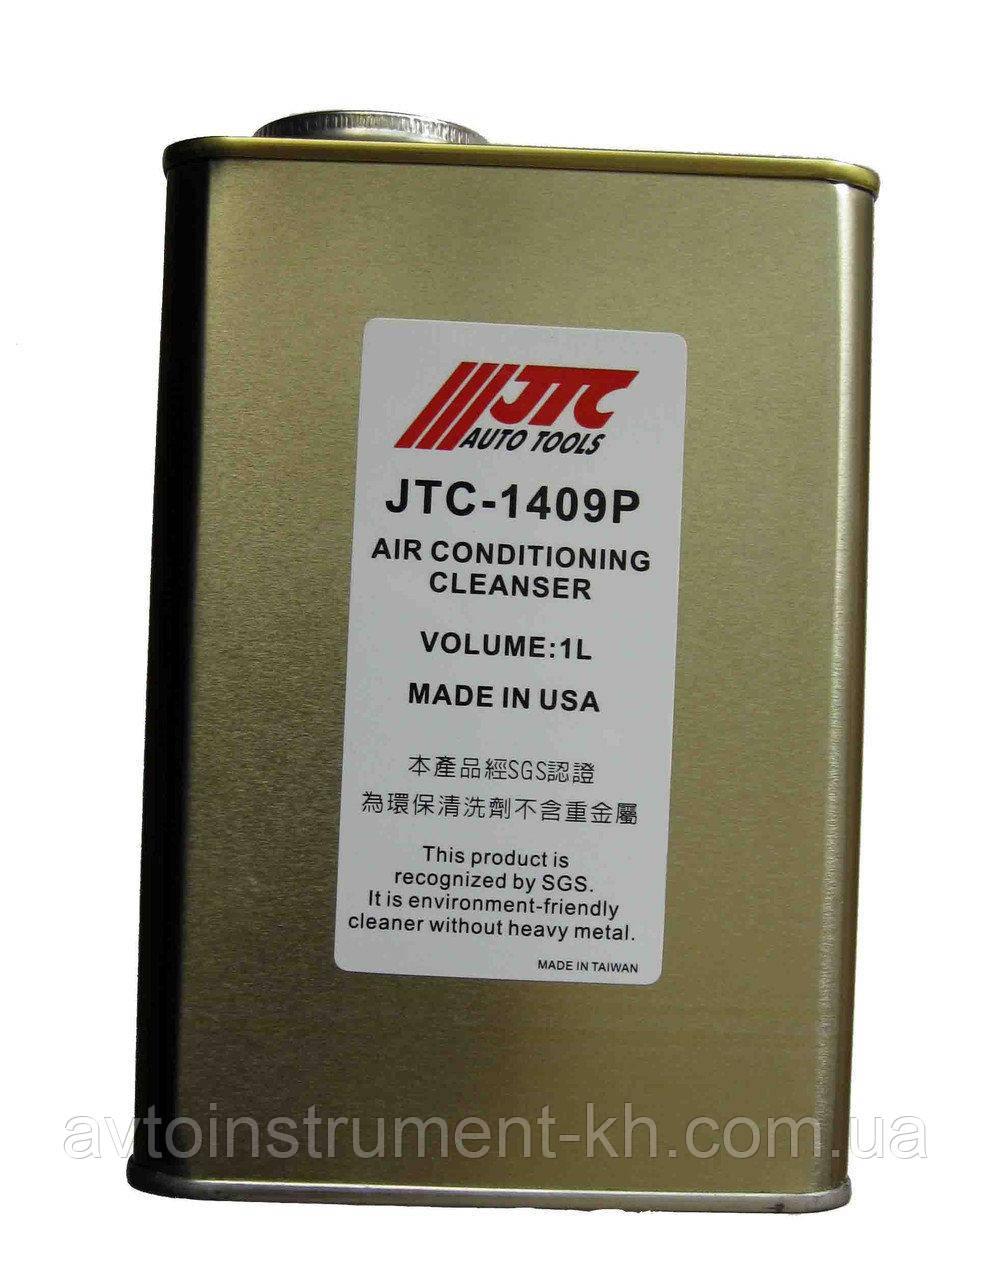 Жидкость для чистки системы кондиционирования JTC 1409P JTC